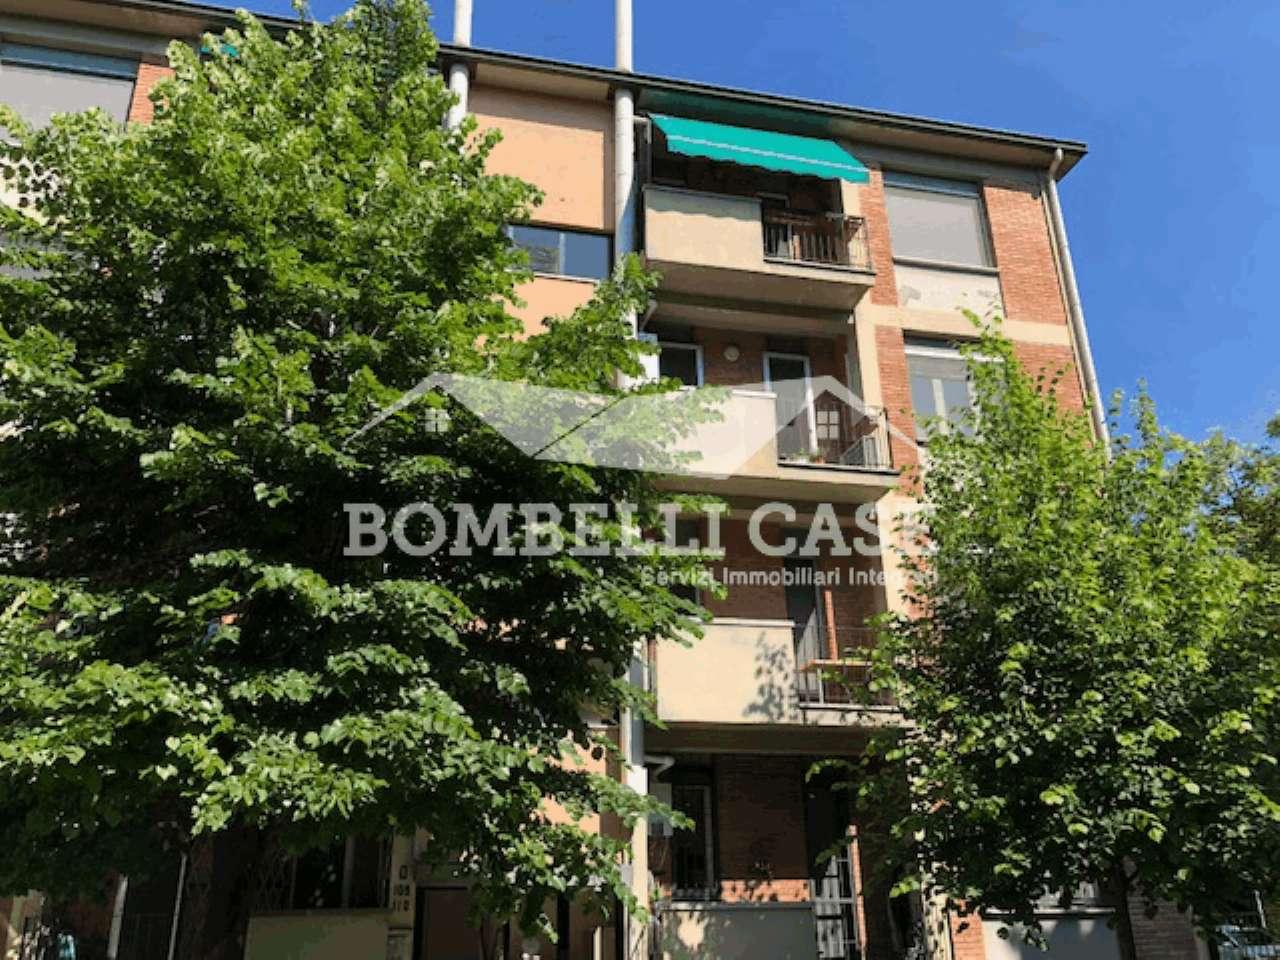 Appartamento in vendita a San Donato Milanese, 3 locali, prezzo € 240.000 | CambioCasa.it